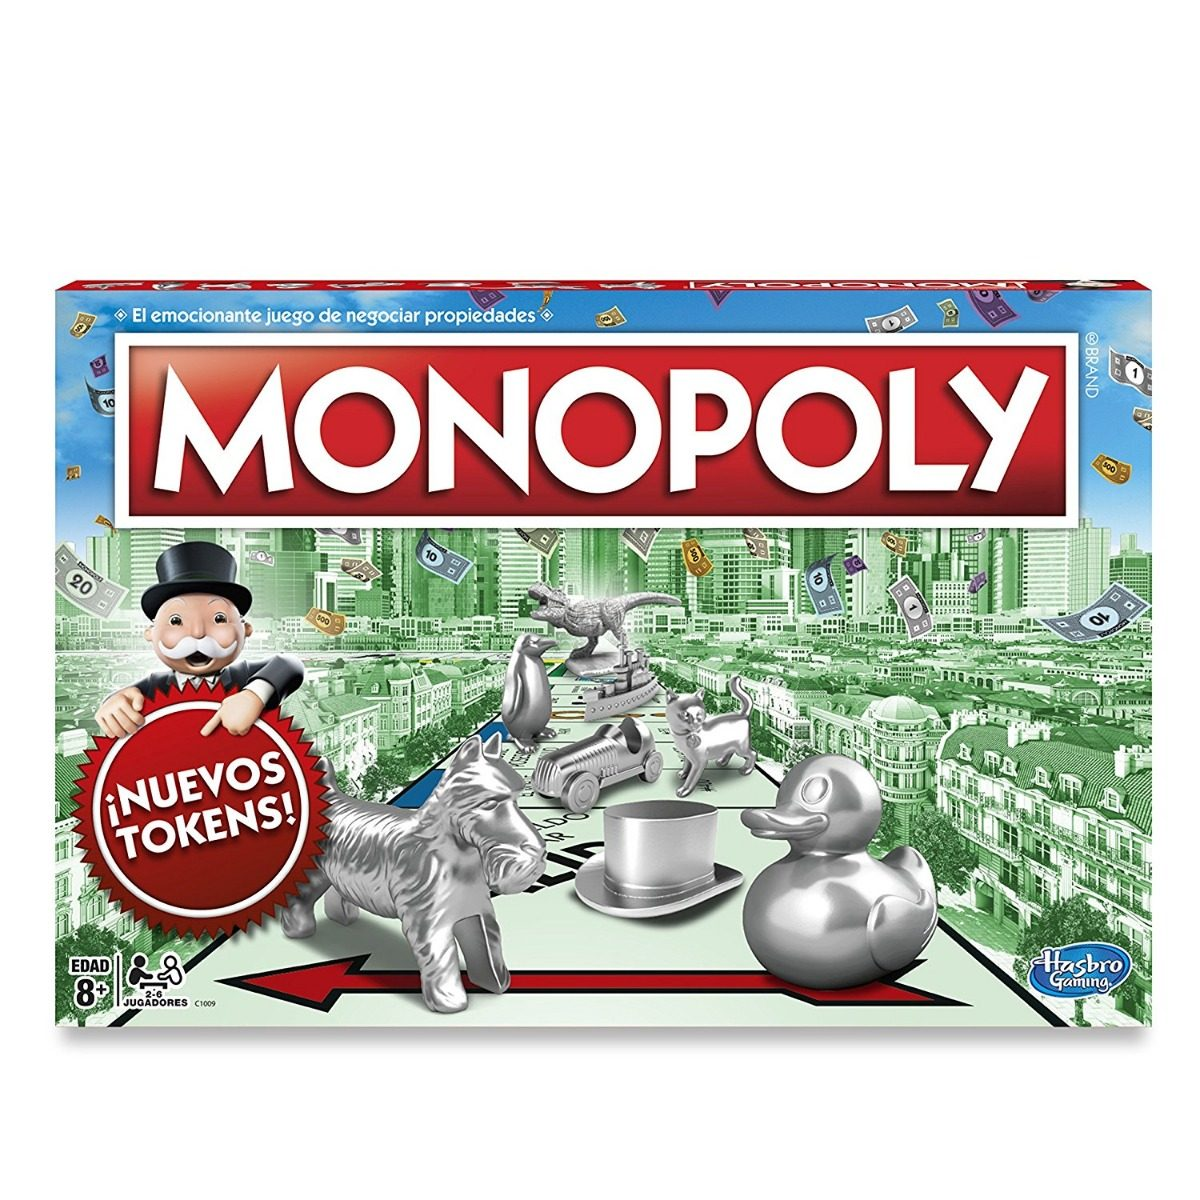 Juego De Mesa Monopoly Clasico Tokens Nuevos En Espanol 435 00